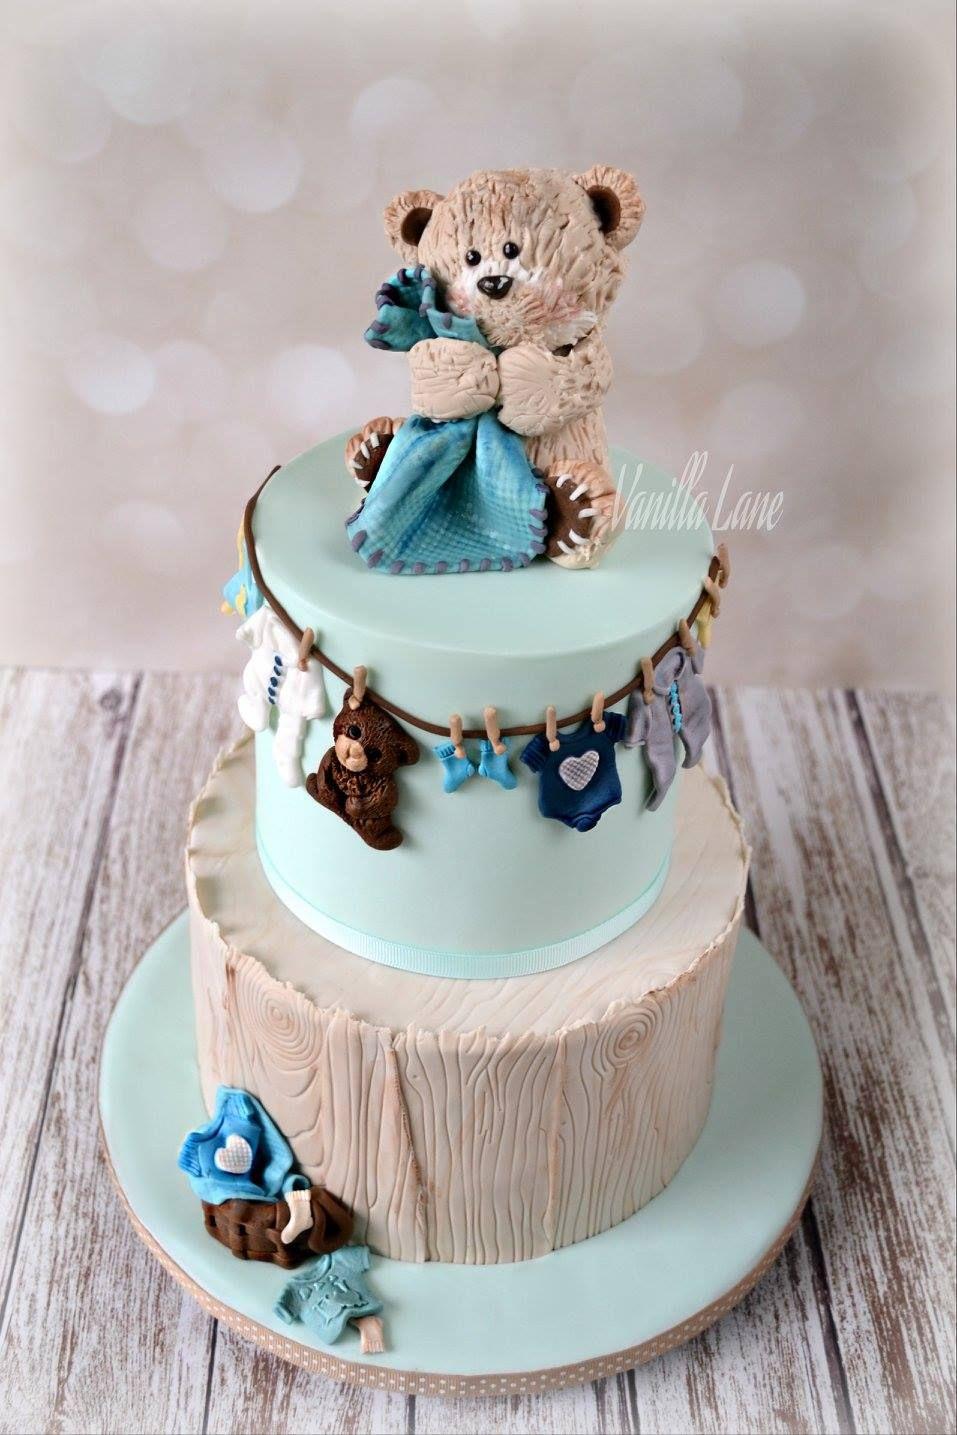 Vanilla Lane Cakes Teddy Bears Bunnies Pinterest Vanilla